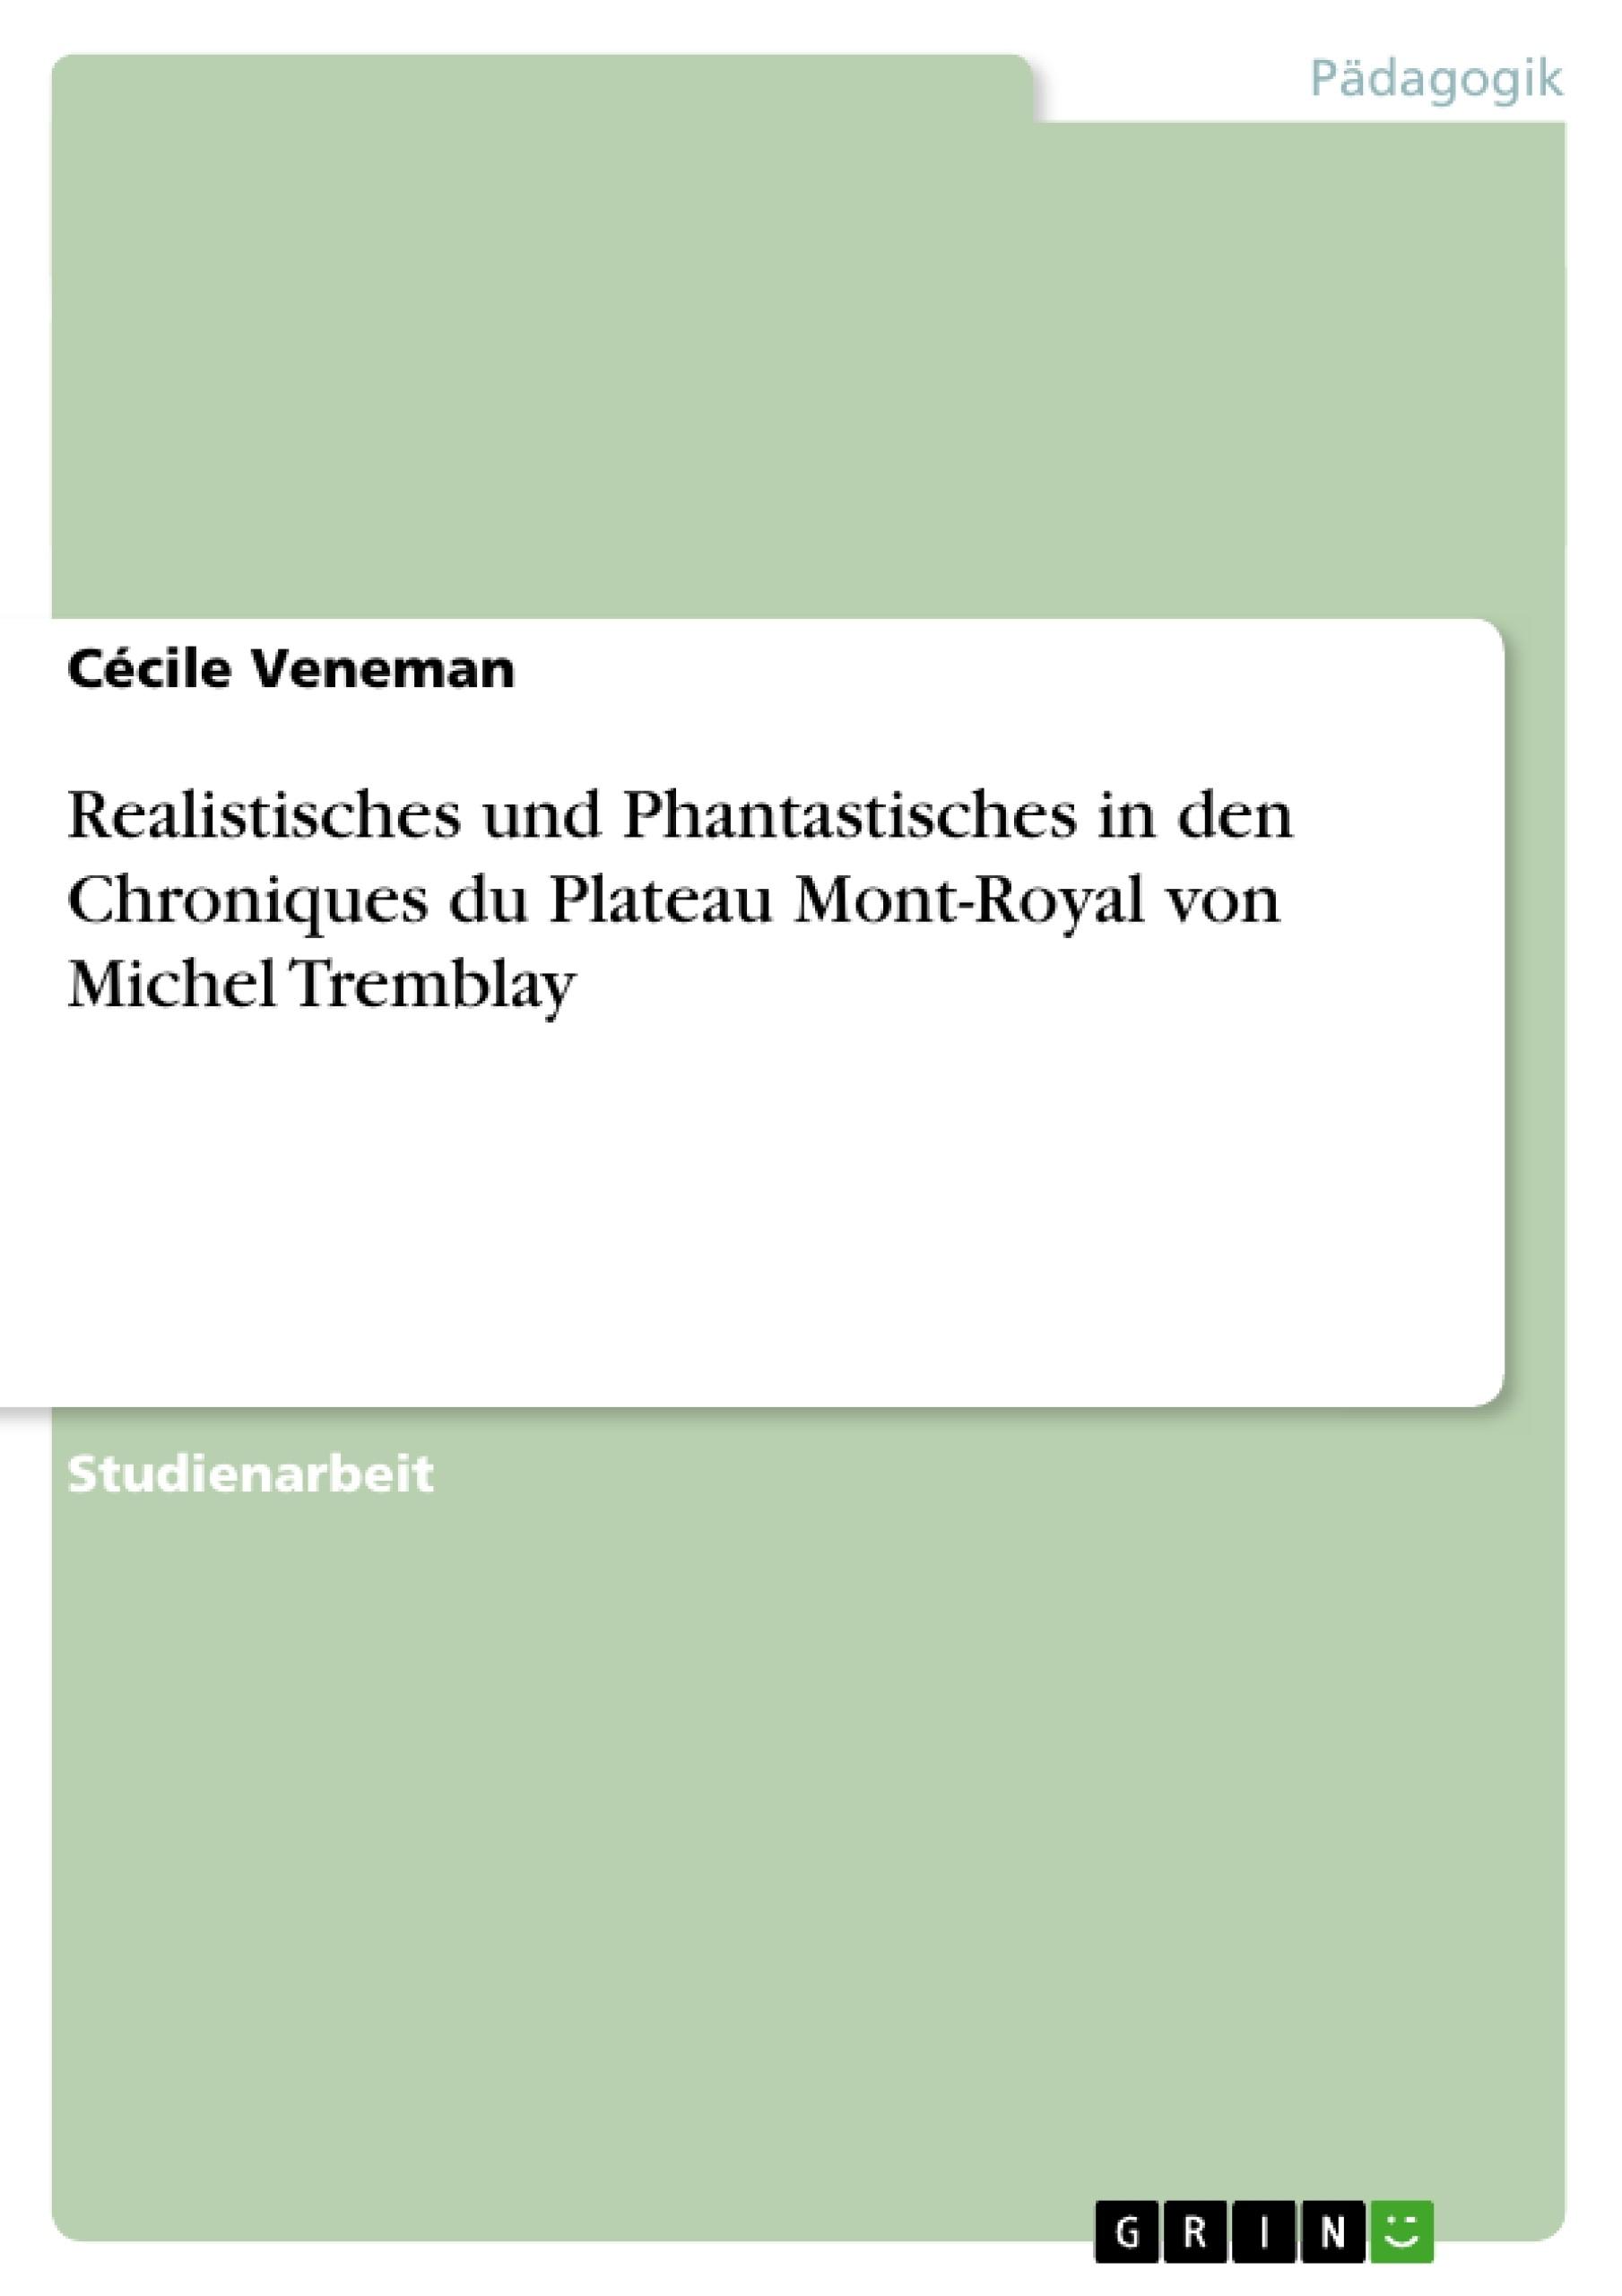 Titel: Realistisches und Phantastisches in den Chroniques du Plateau Mont-Royal von Michel Tremblay